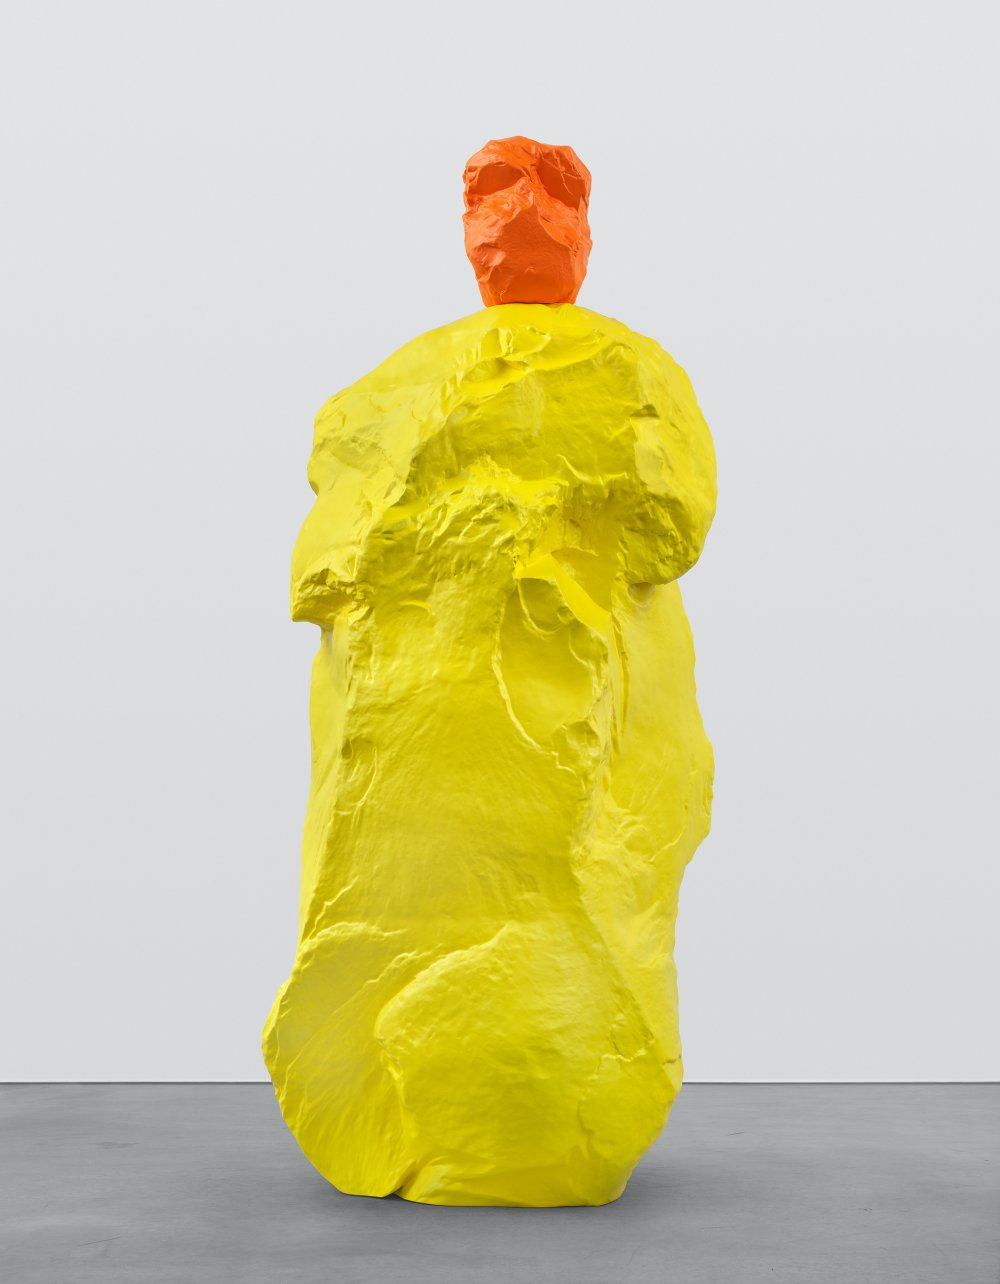 orange yellow monk